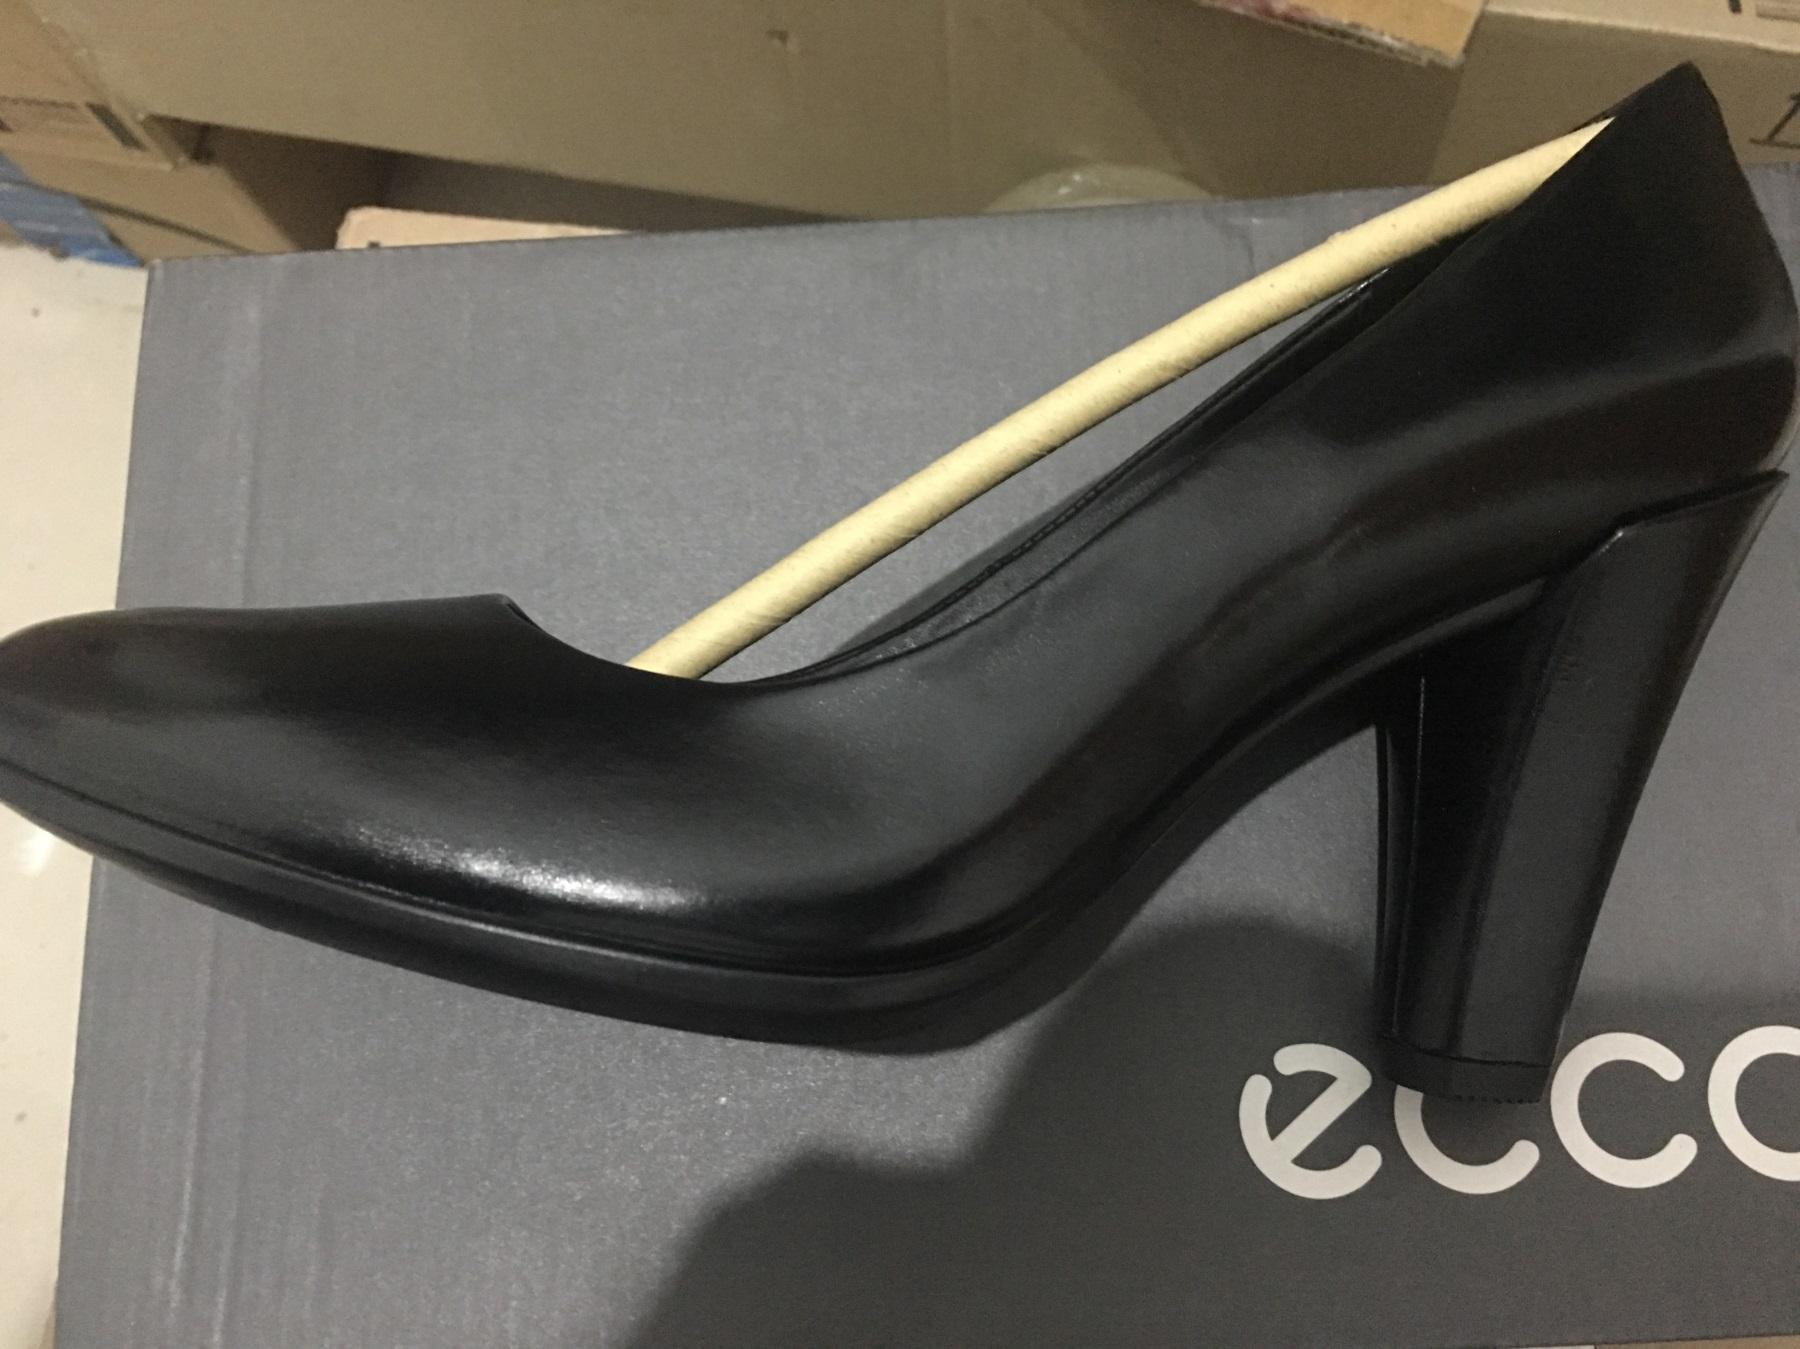 ecco女鞋已出已出